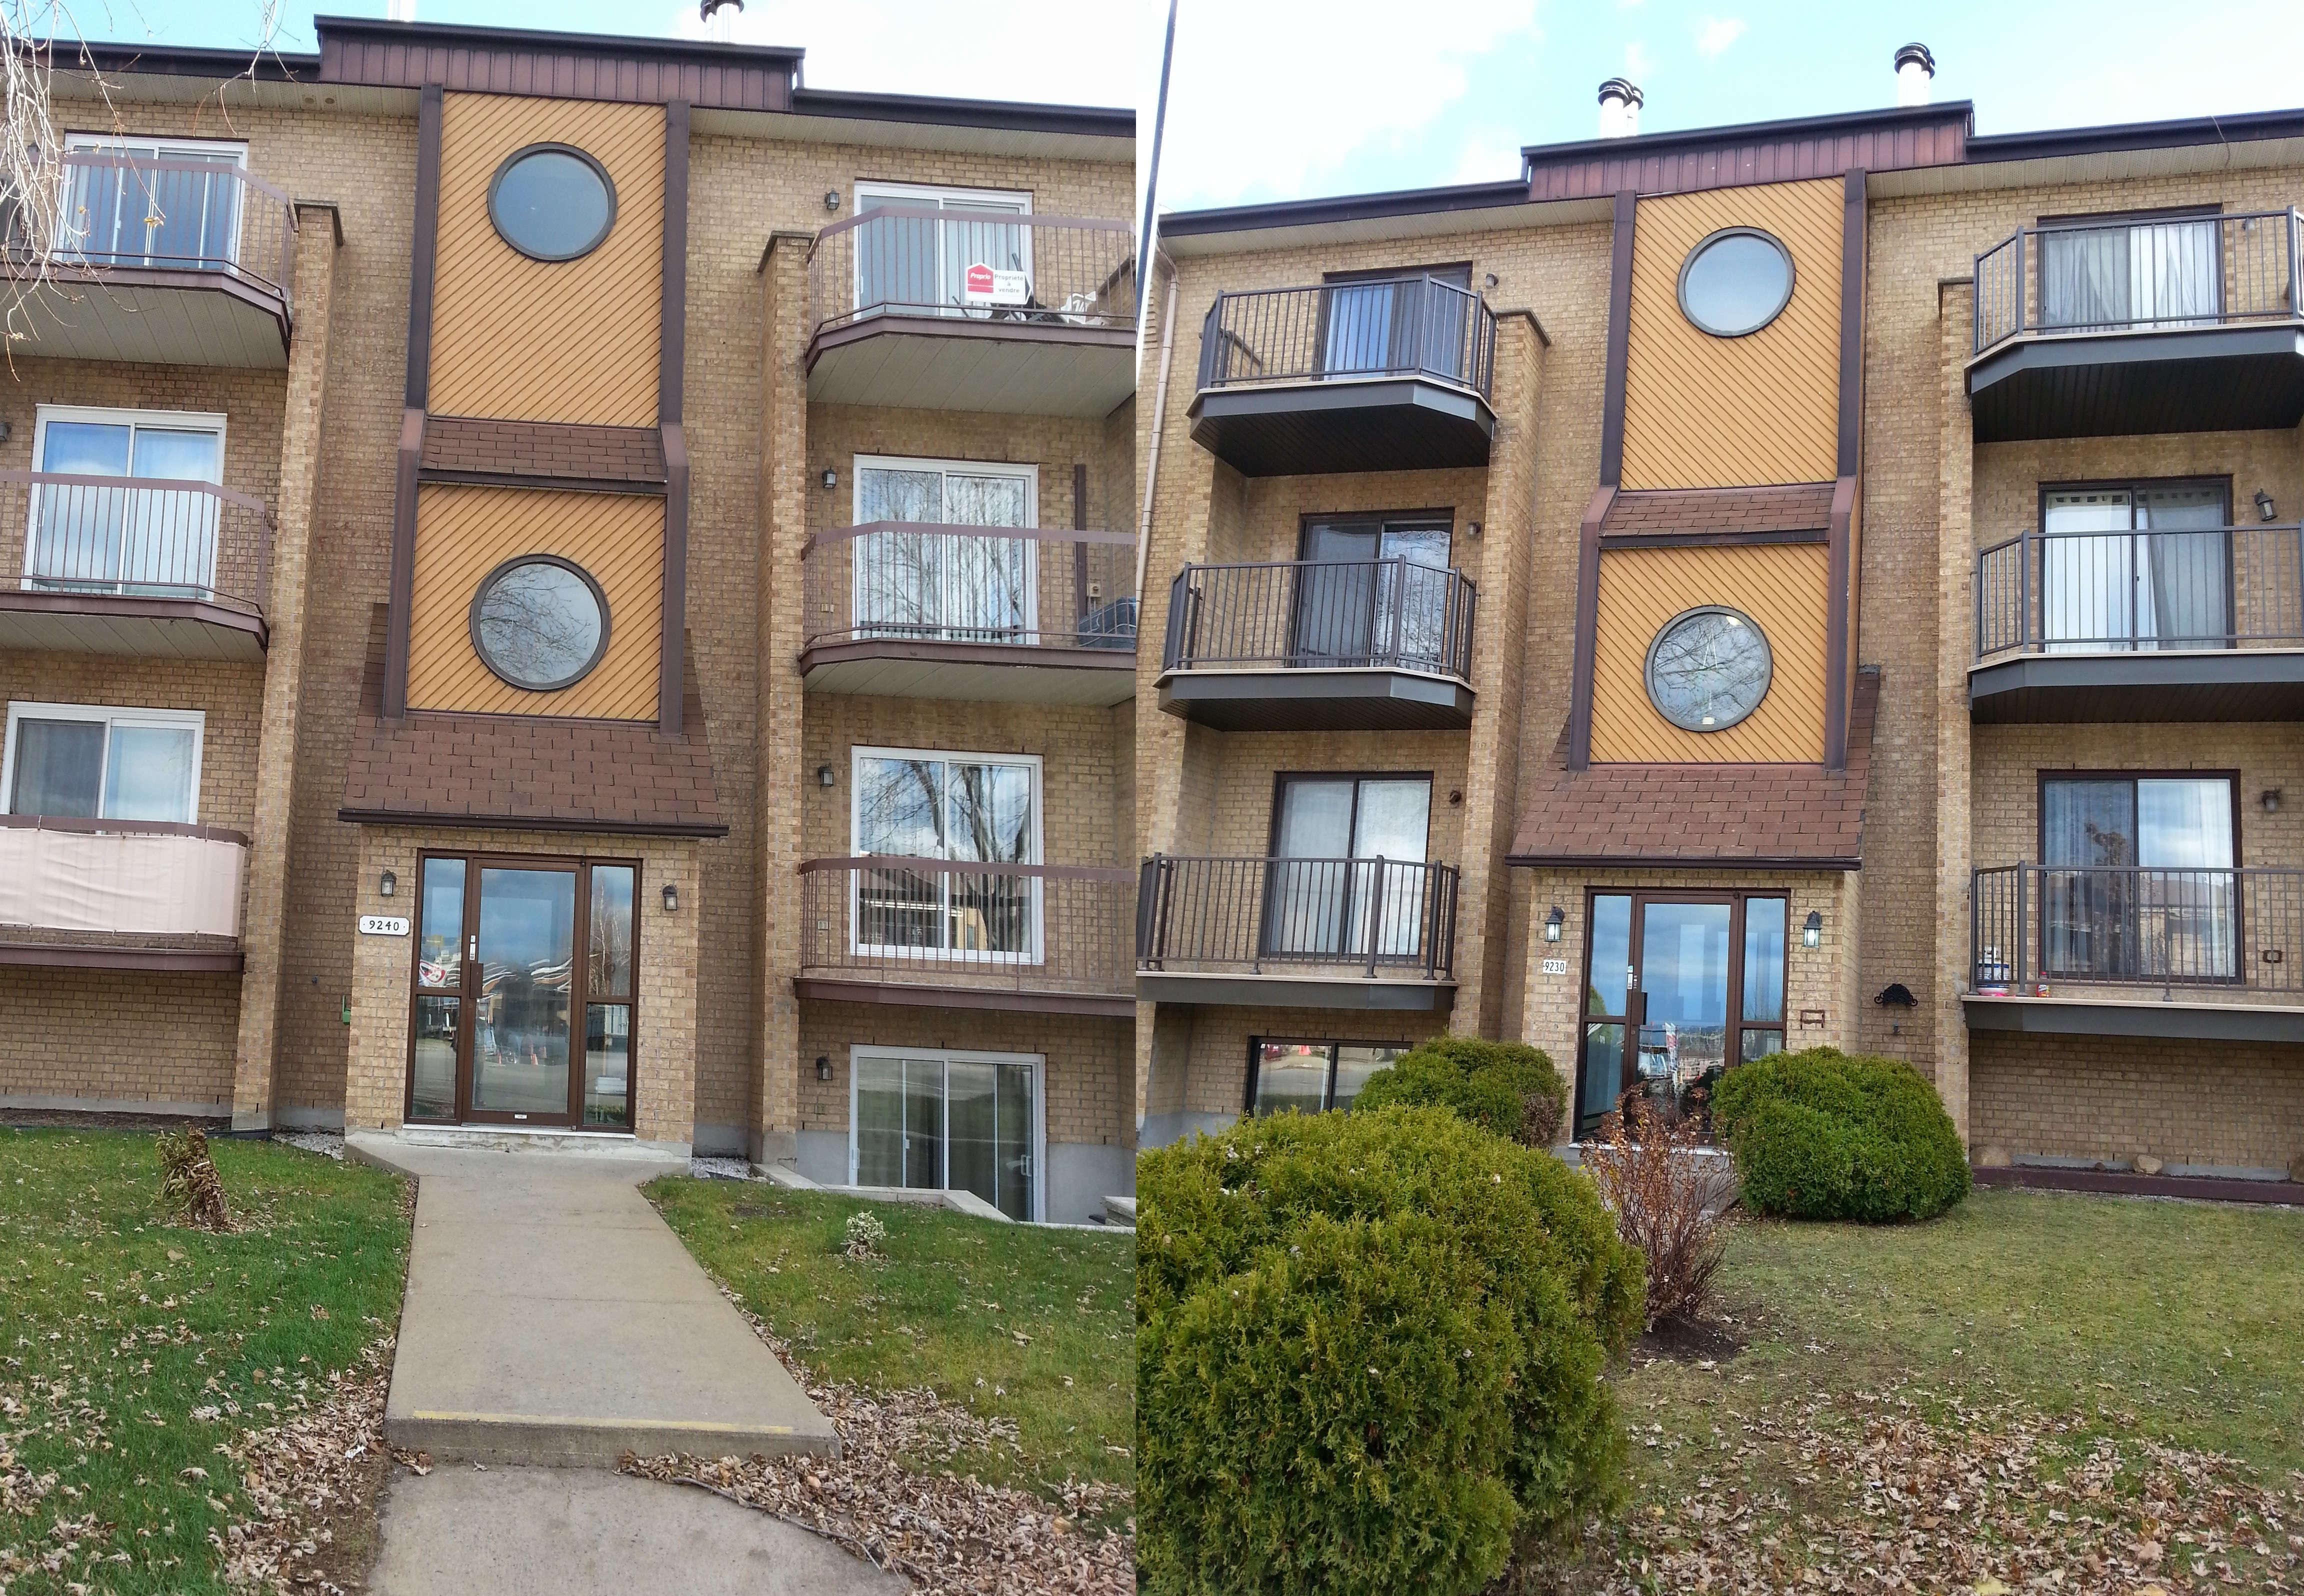 Auvent Balcon tout auvents   balcons de fibre de verre et de balcons en aluminium